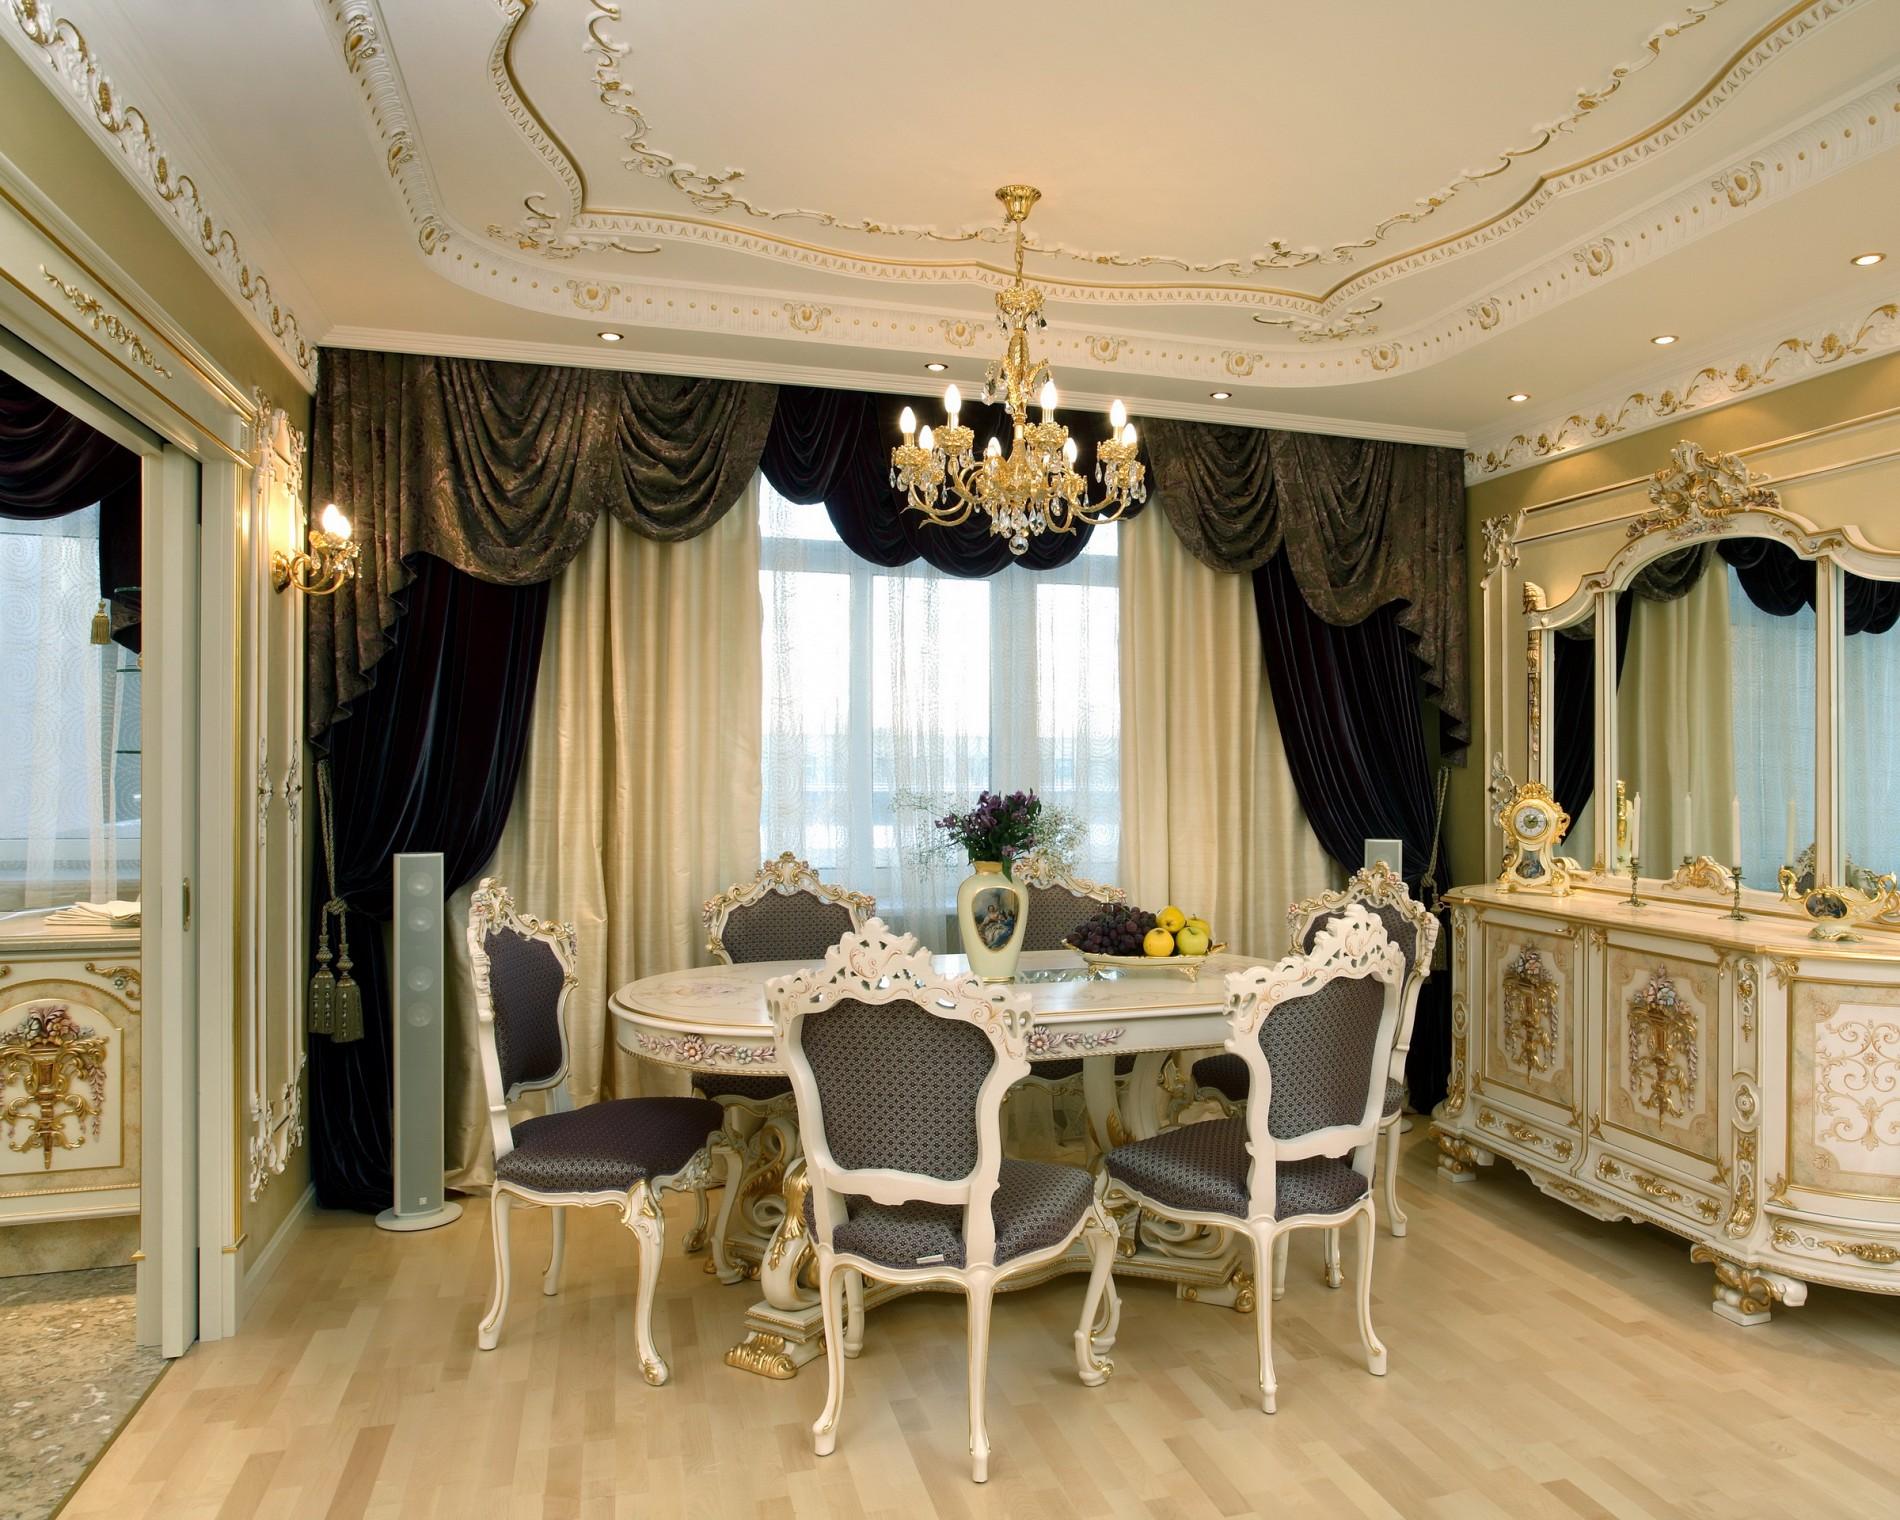 Лучший интерьер в классическом стиле